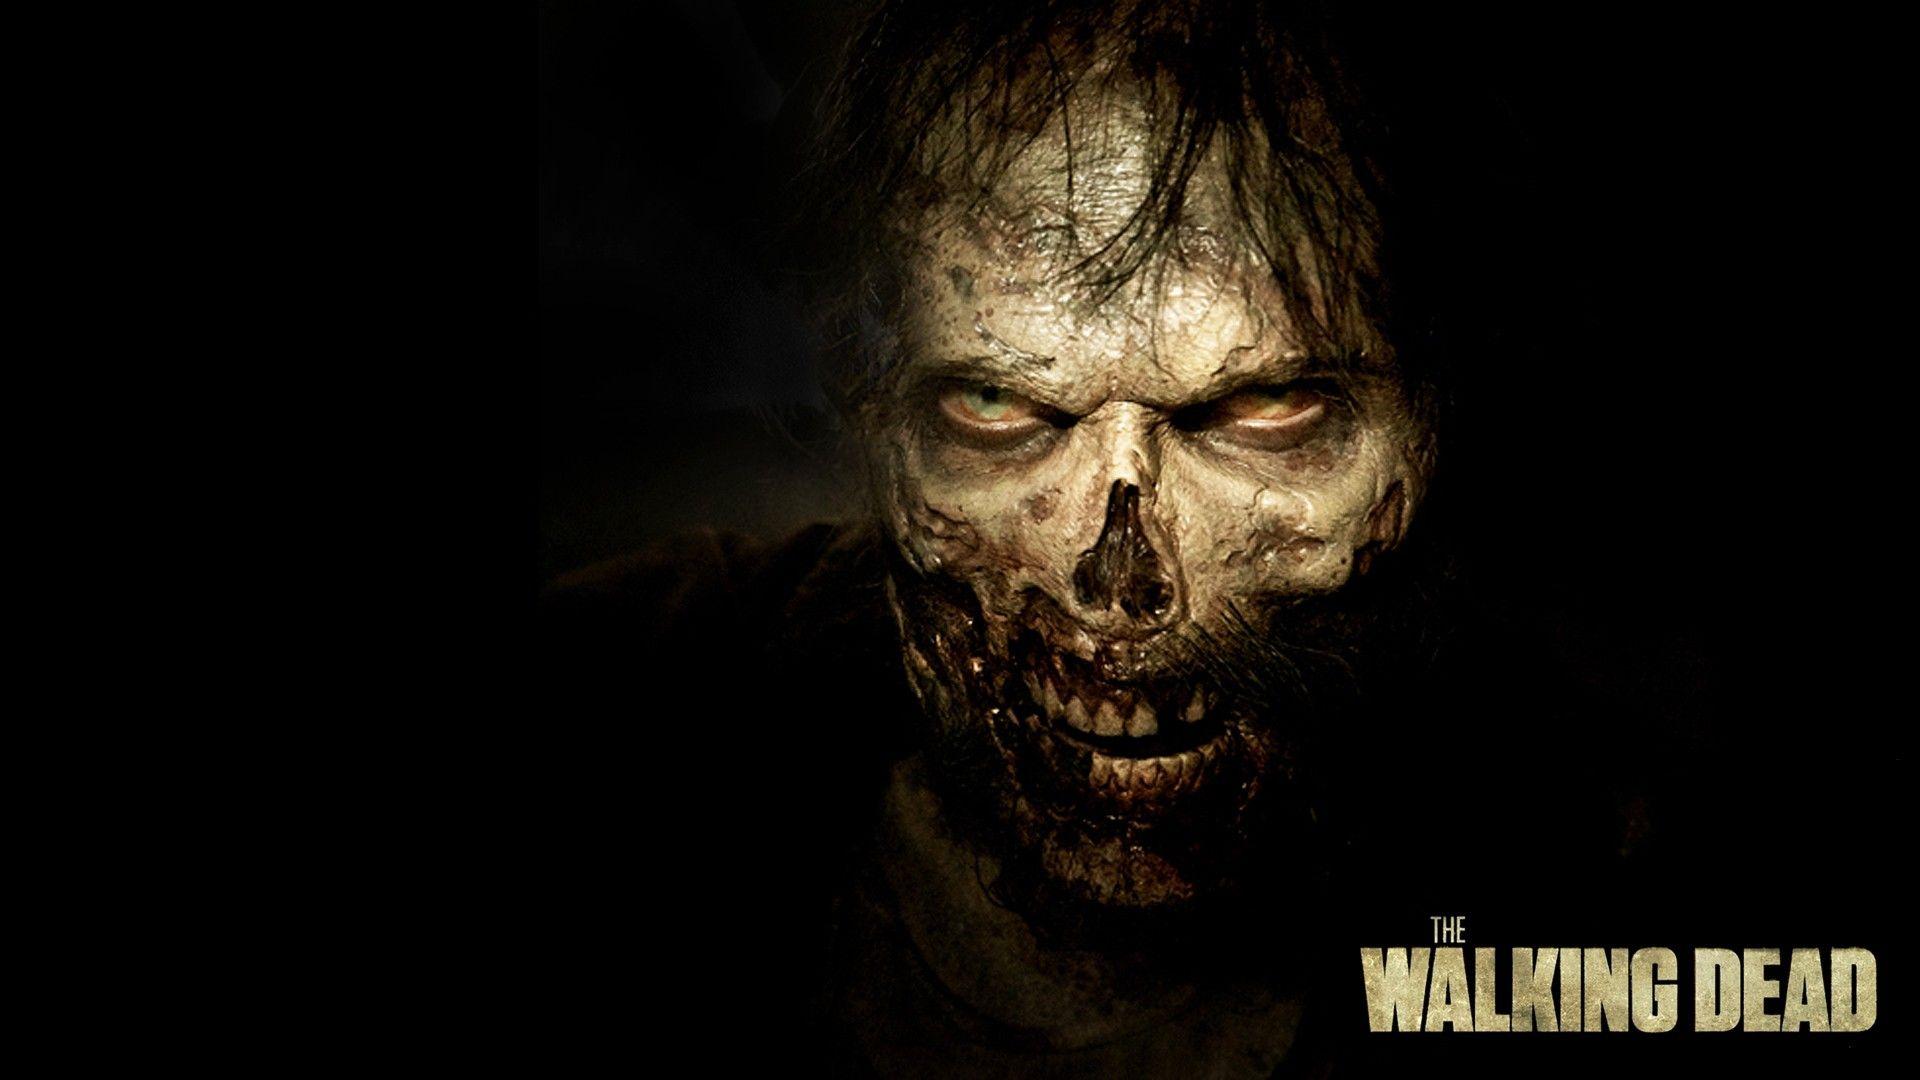 The Walking Dead Season 5 Them Walking Dead Zombie Wallpaper